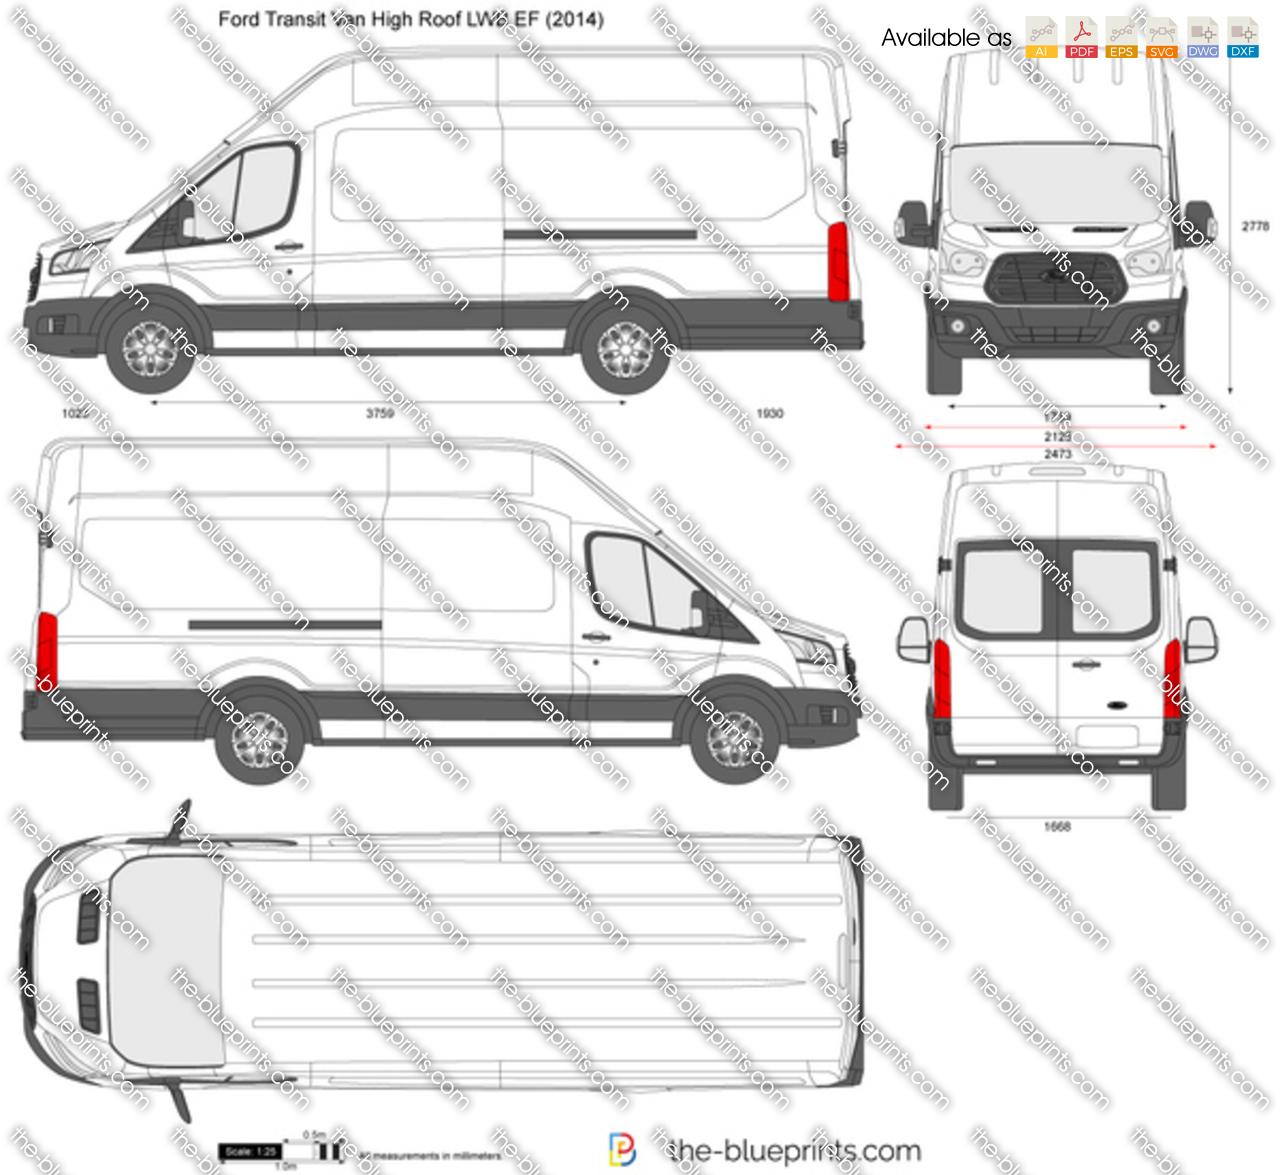 ford transit van high roof lwb ef vector drawing. Black Bedroom Furniture Sets. Home Design Ideas